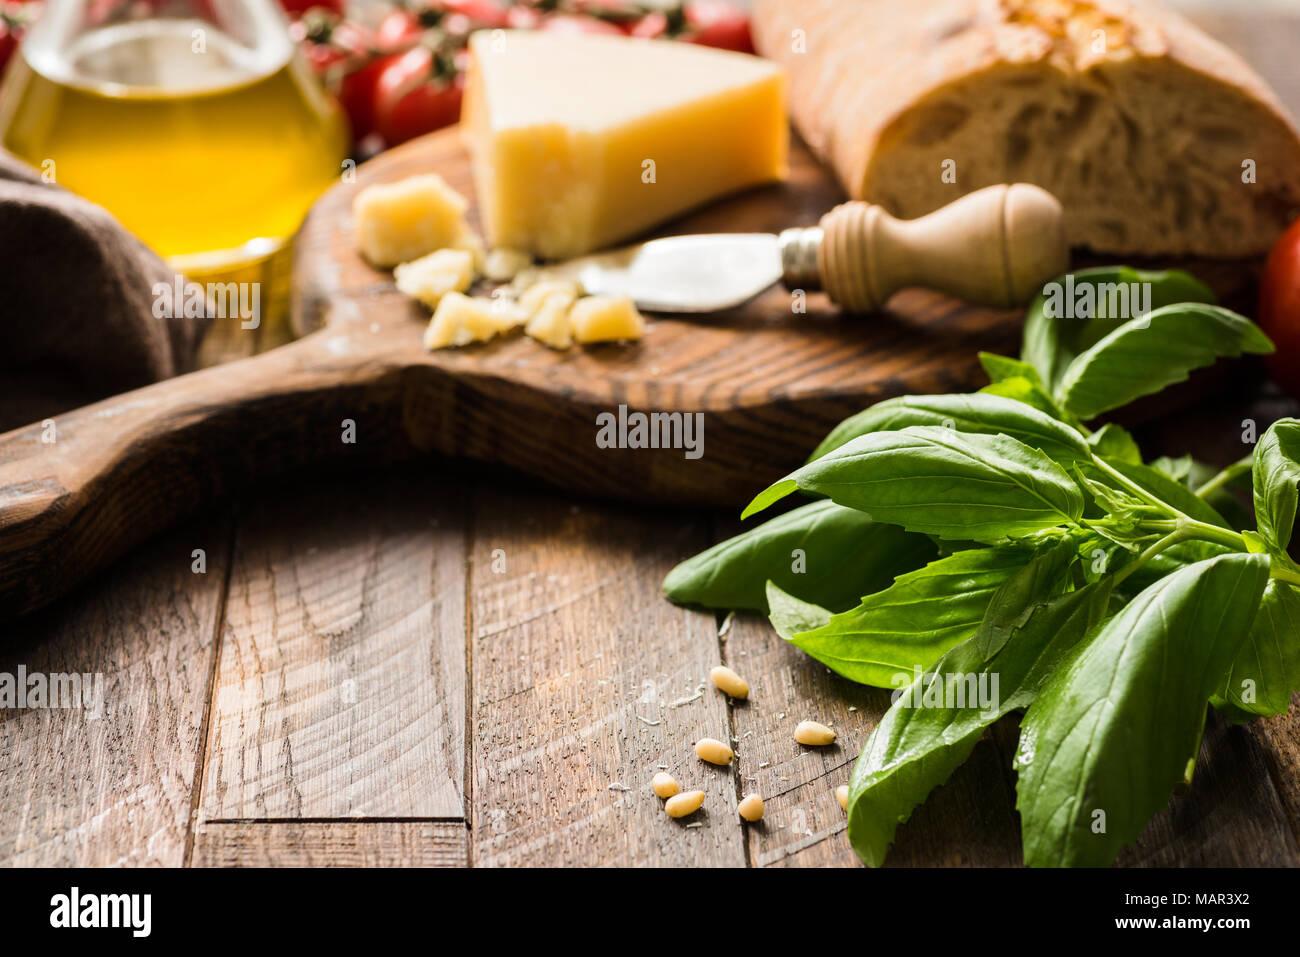 Antecedentes La comida italiana con queso parmesano, aceite de oliva, ciabatta y hojas de albahaca en madera rústica. Espacio para copiar texto, el enfoque selectivo Imagen De Stock